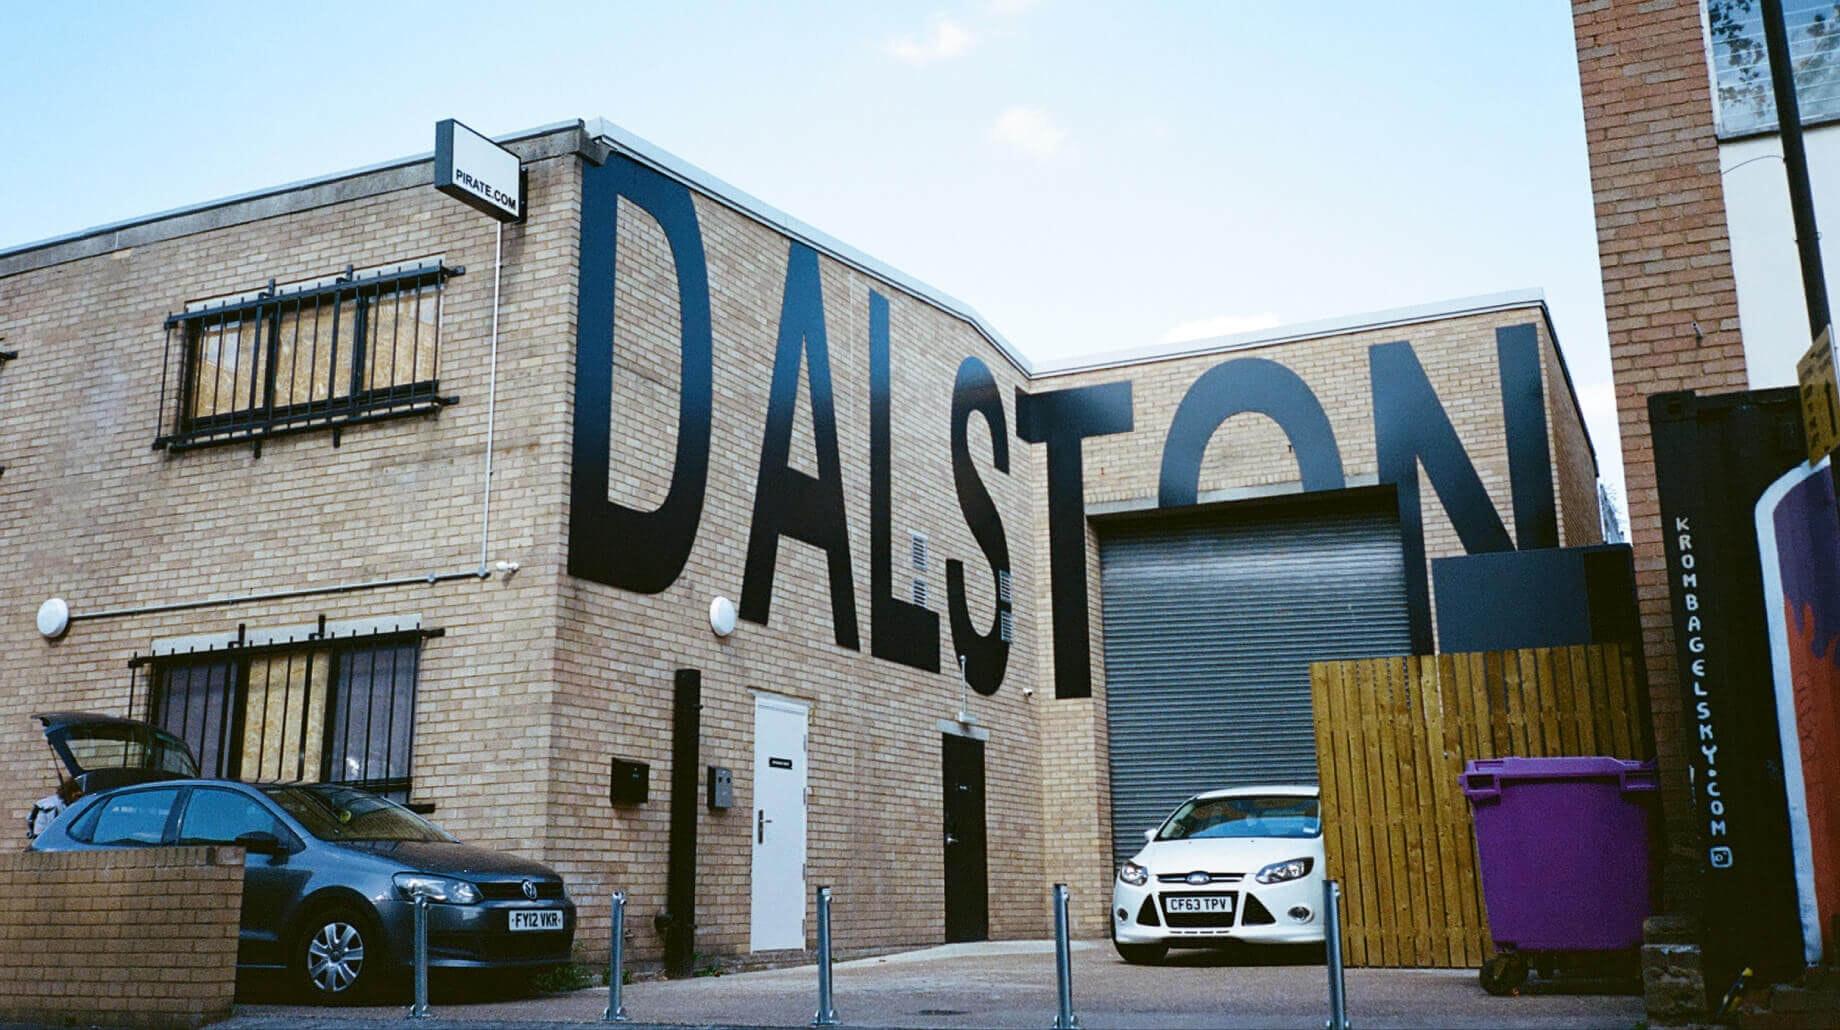 Pirate's Dalston studios